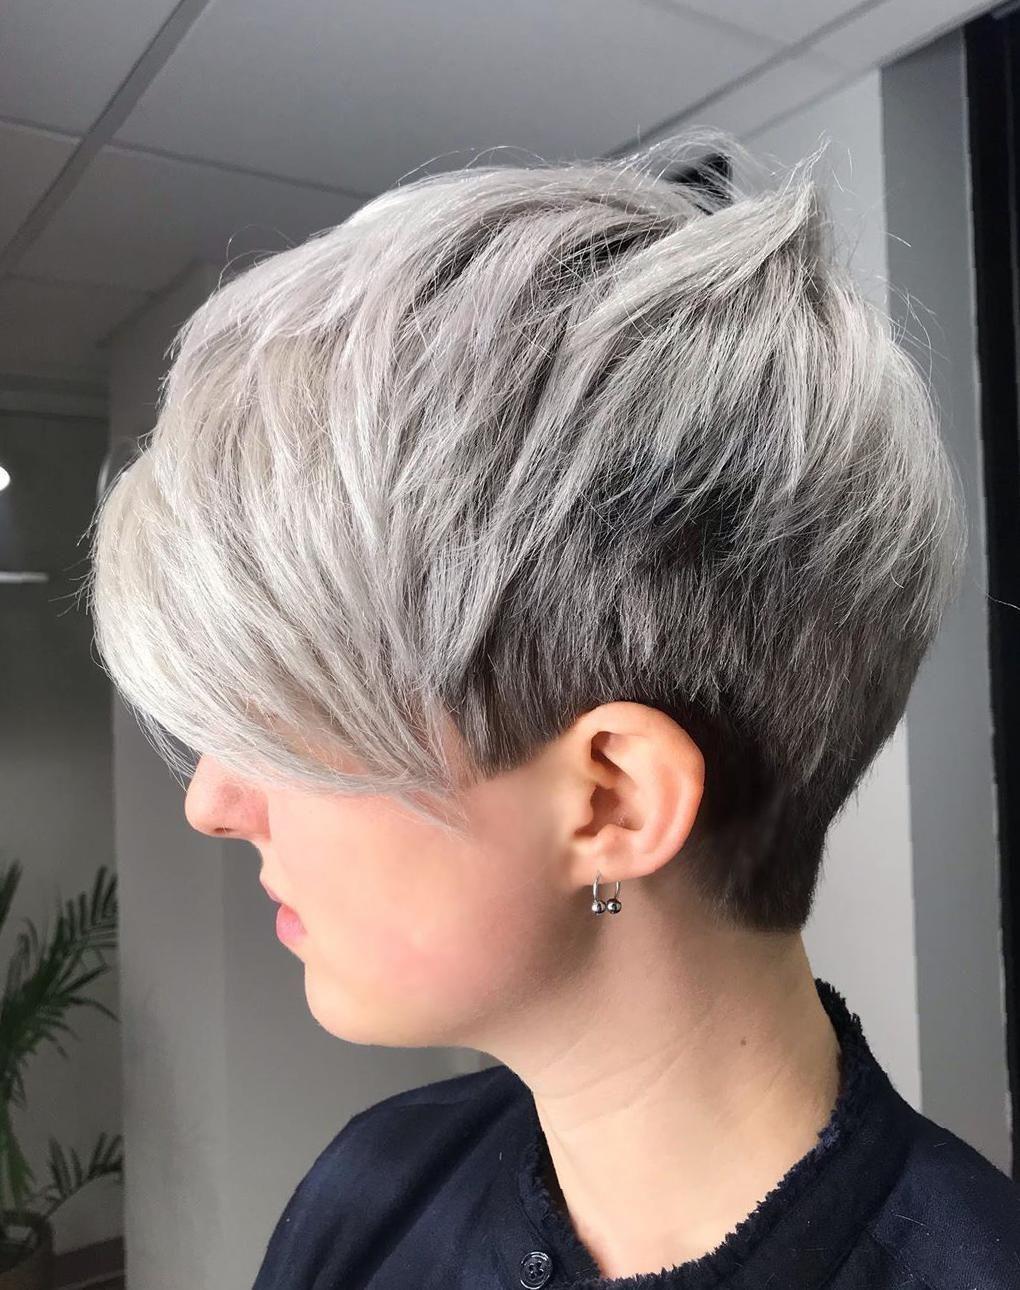 Asymmetrical Pixie Cut 2020 : asymmetrical, pixie, Haircuts